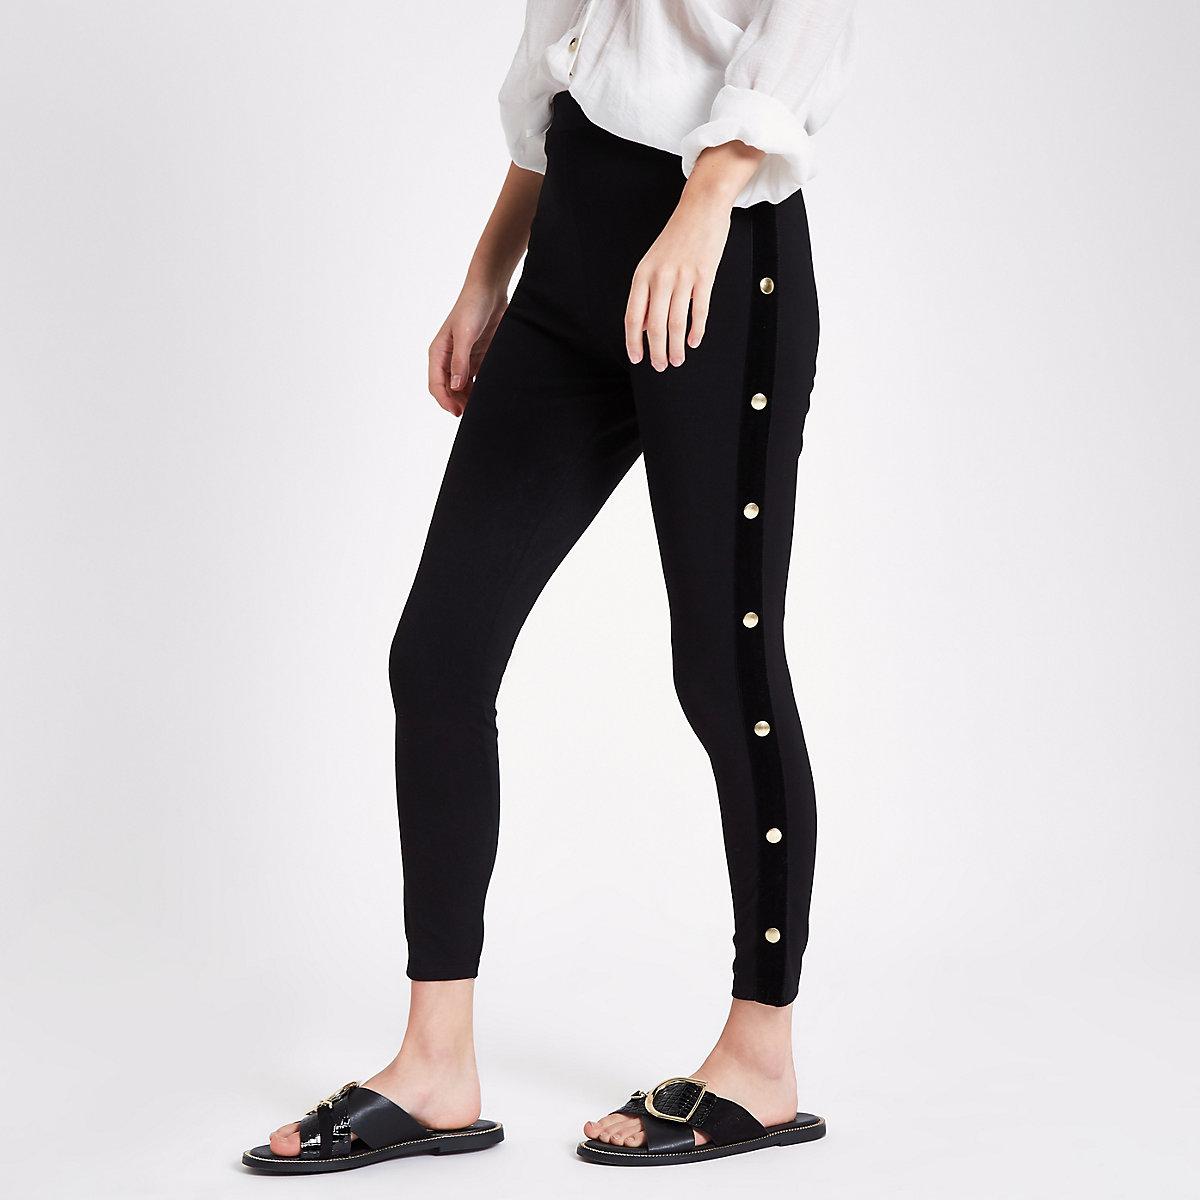 Black popper side leggings